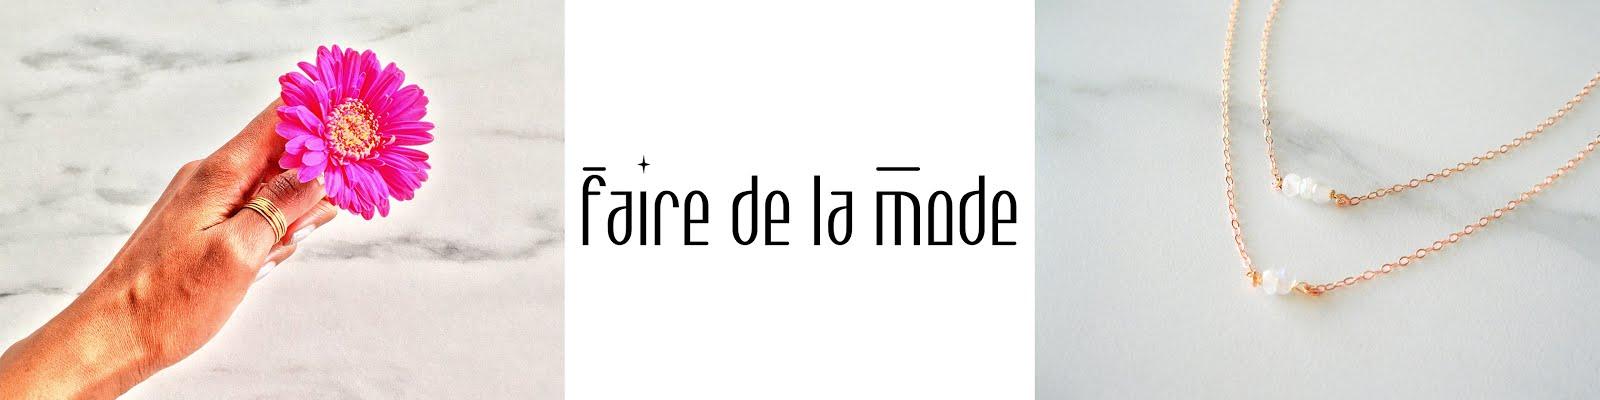 FAIRE DE LA MODE